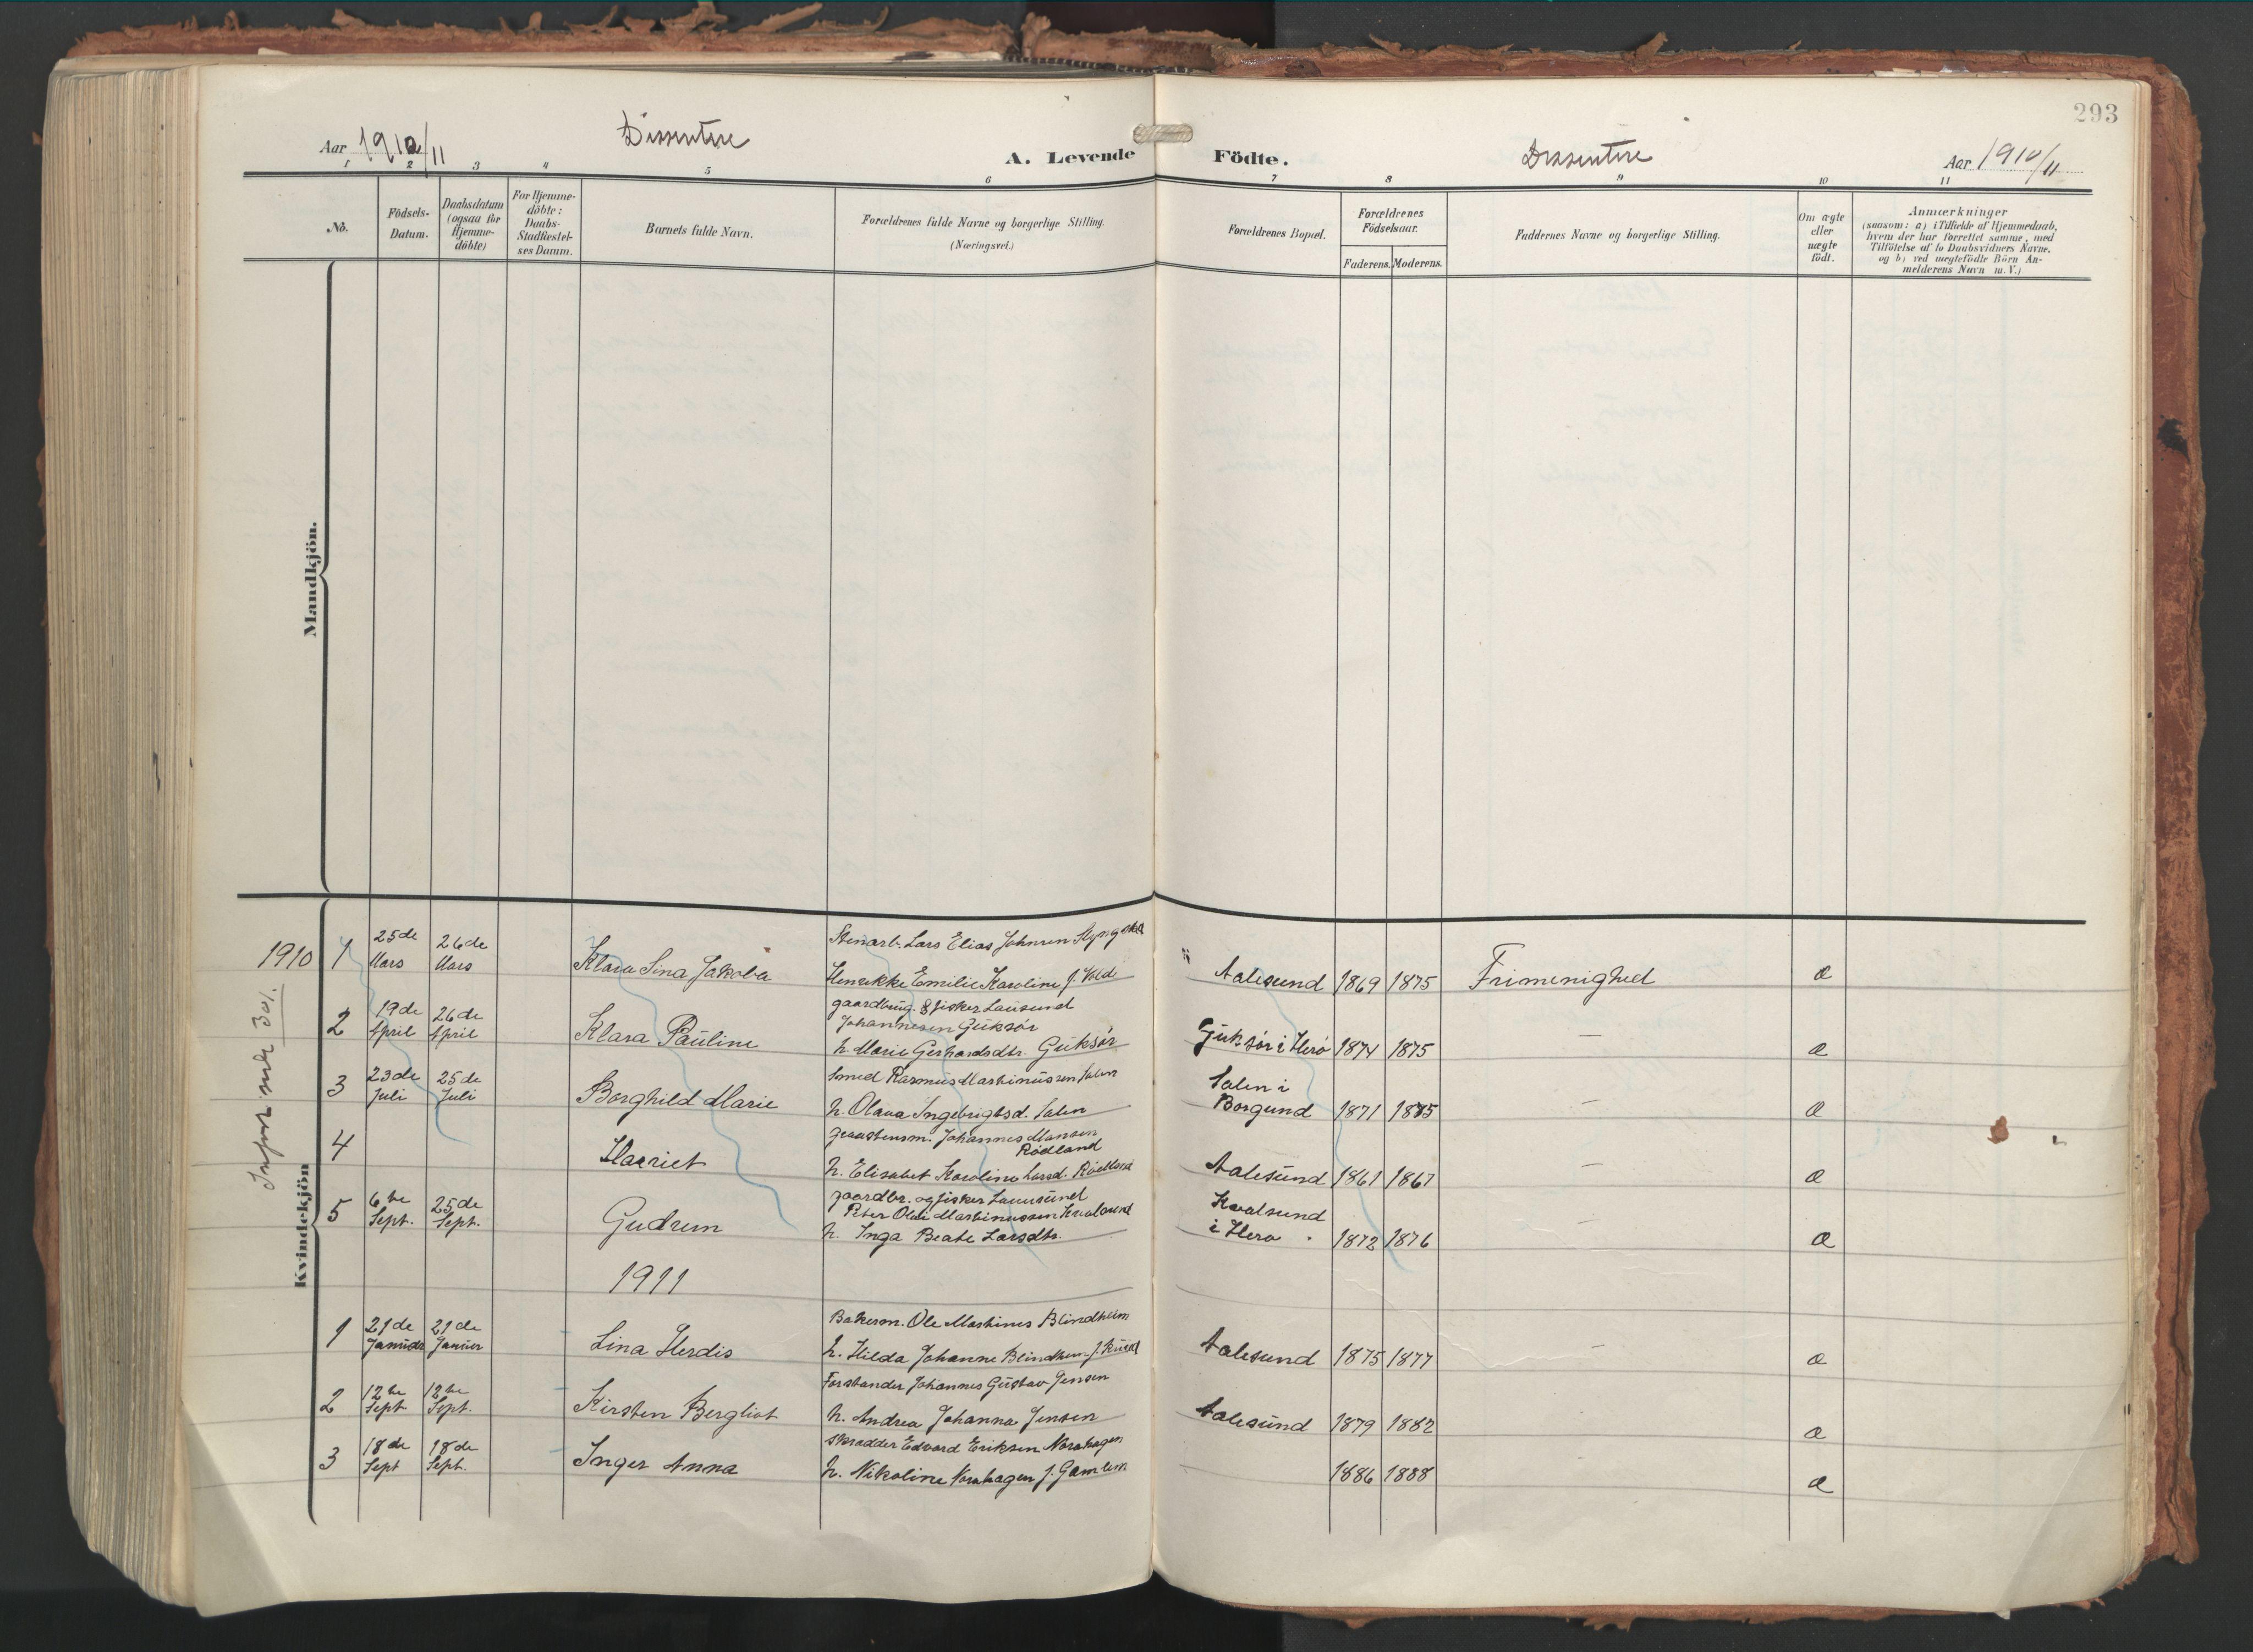 SAT, Ministerialprotokoller, klokkerbøker og fødselsregistre - Møre og Romsdal, 529/L0460: Ministerialbok nr. 529A10, 1906-1917, s. 293